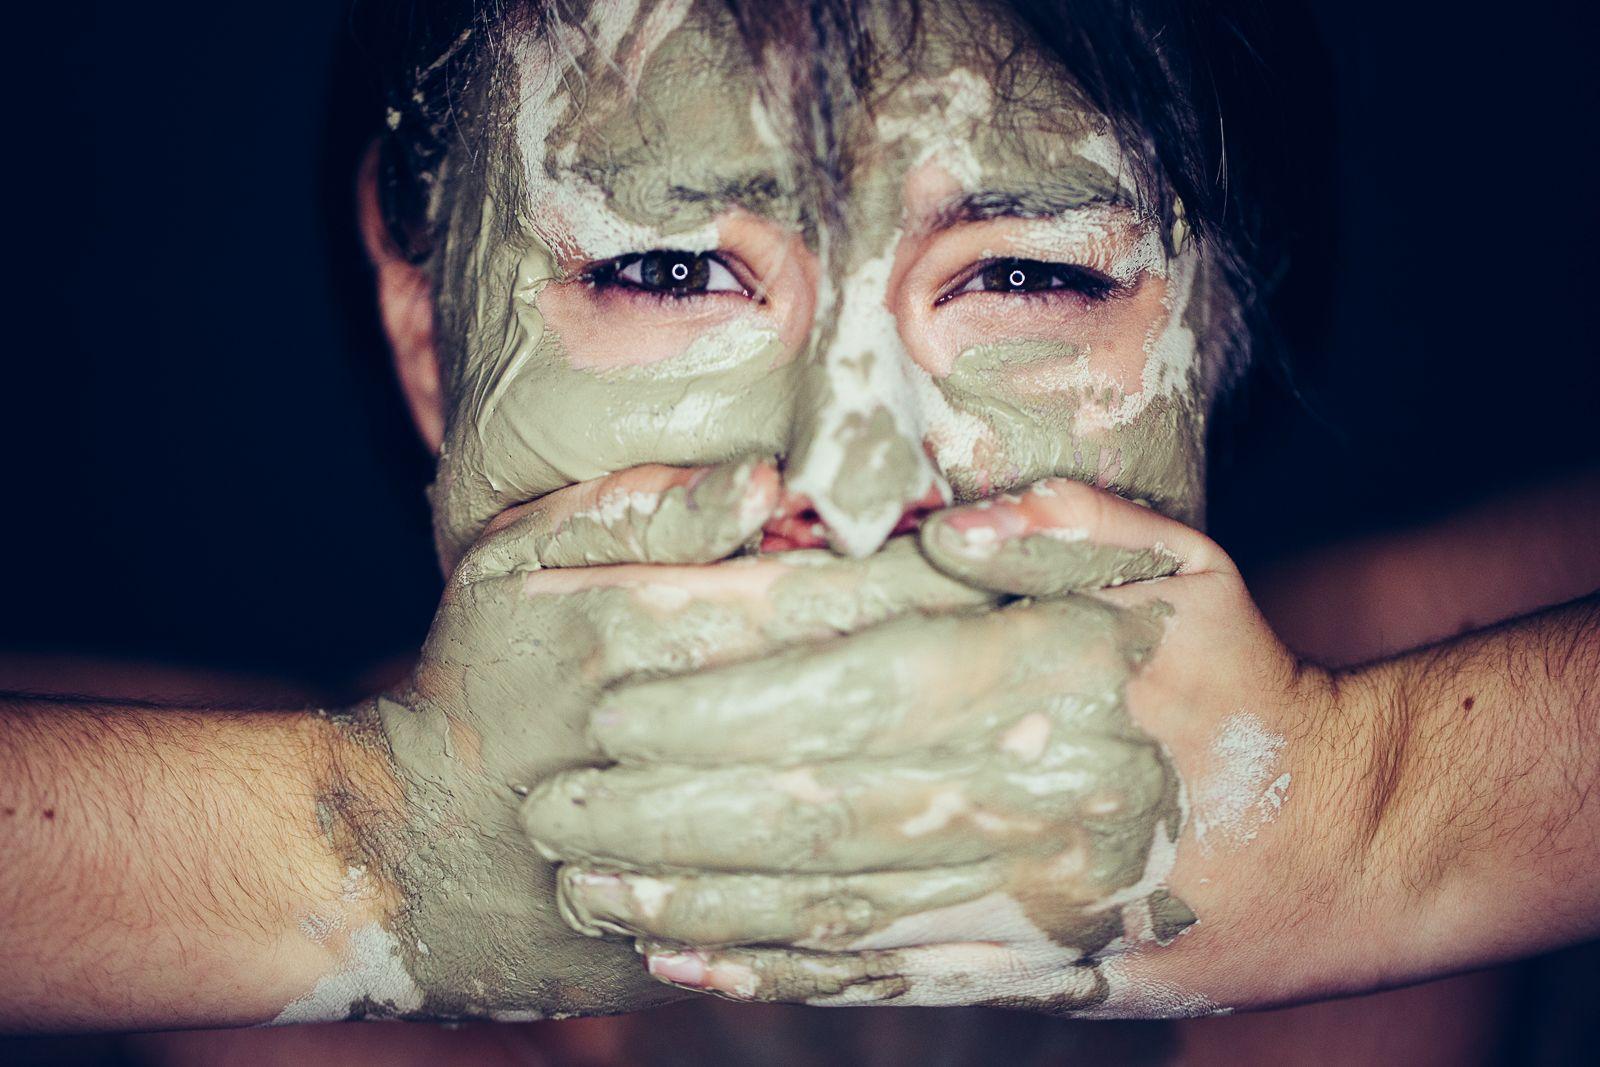 pochestorie-mad-mud-portrait-12.jpg